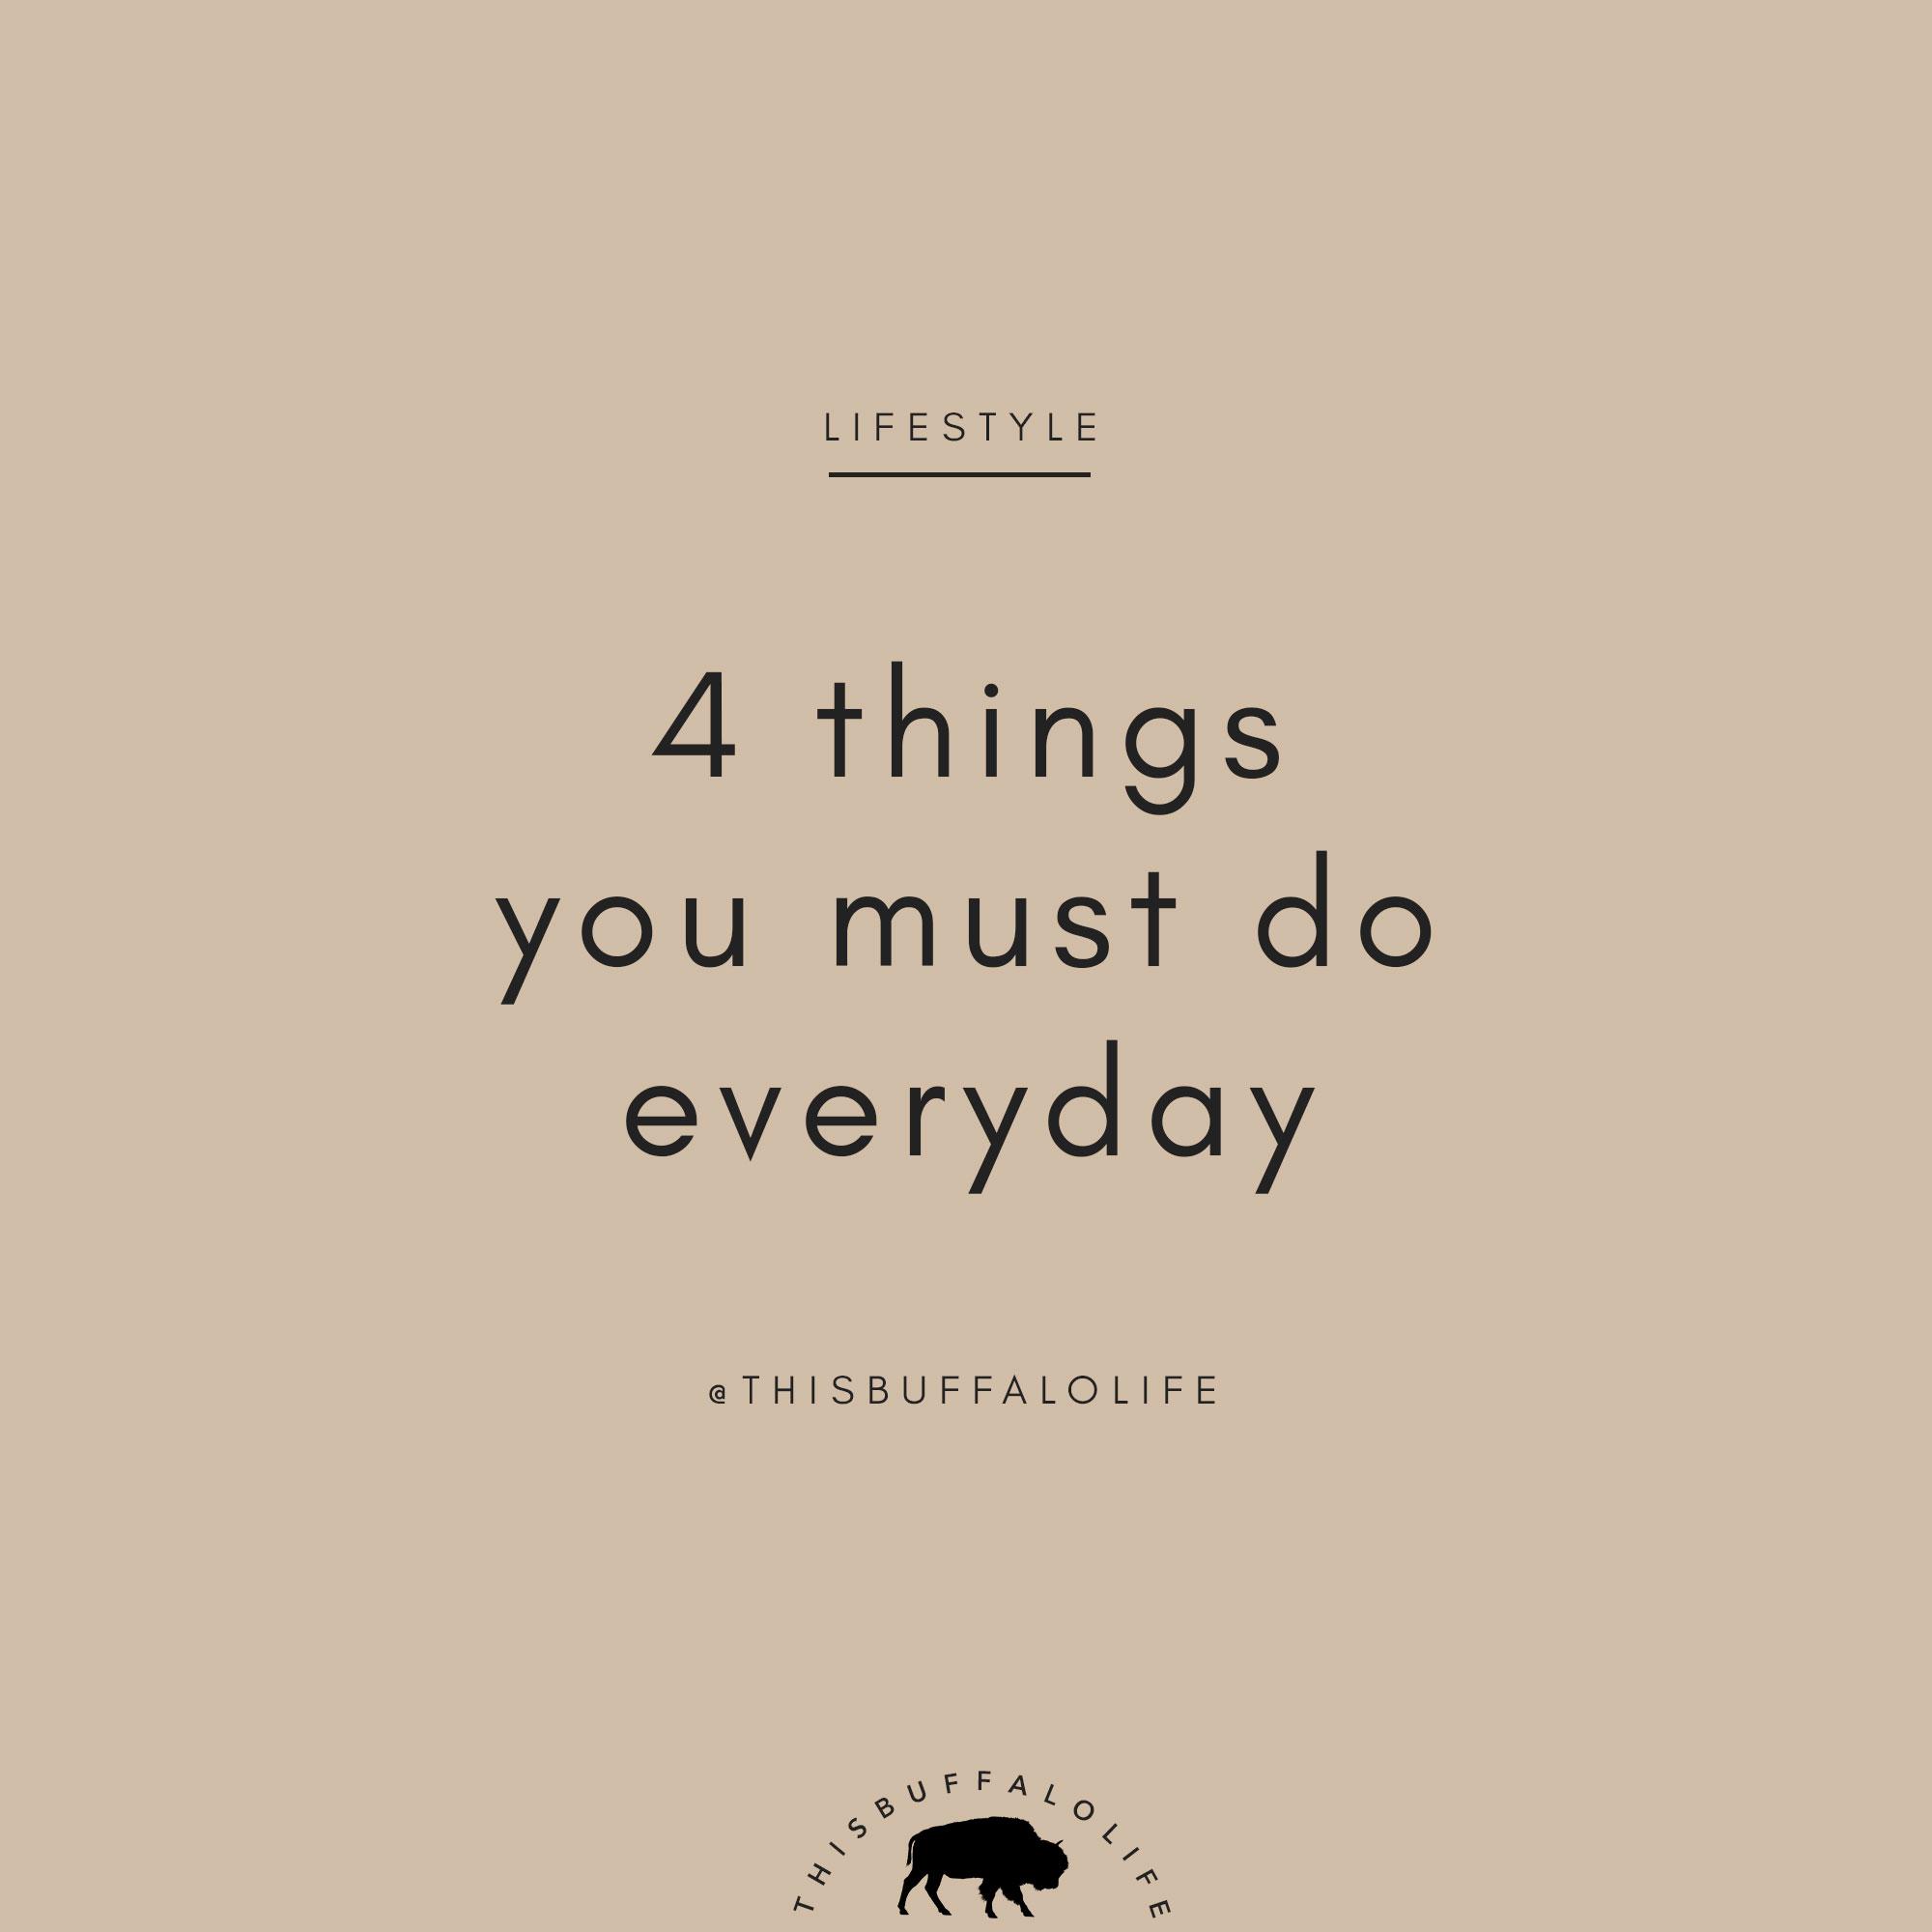 4-things.jpg